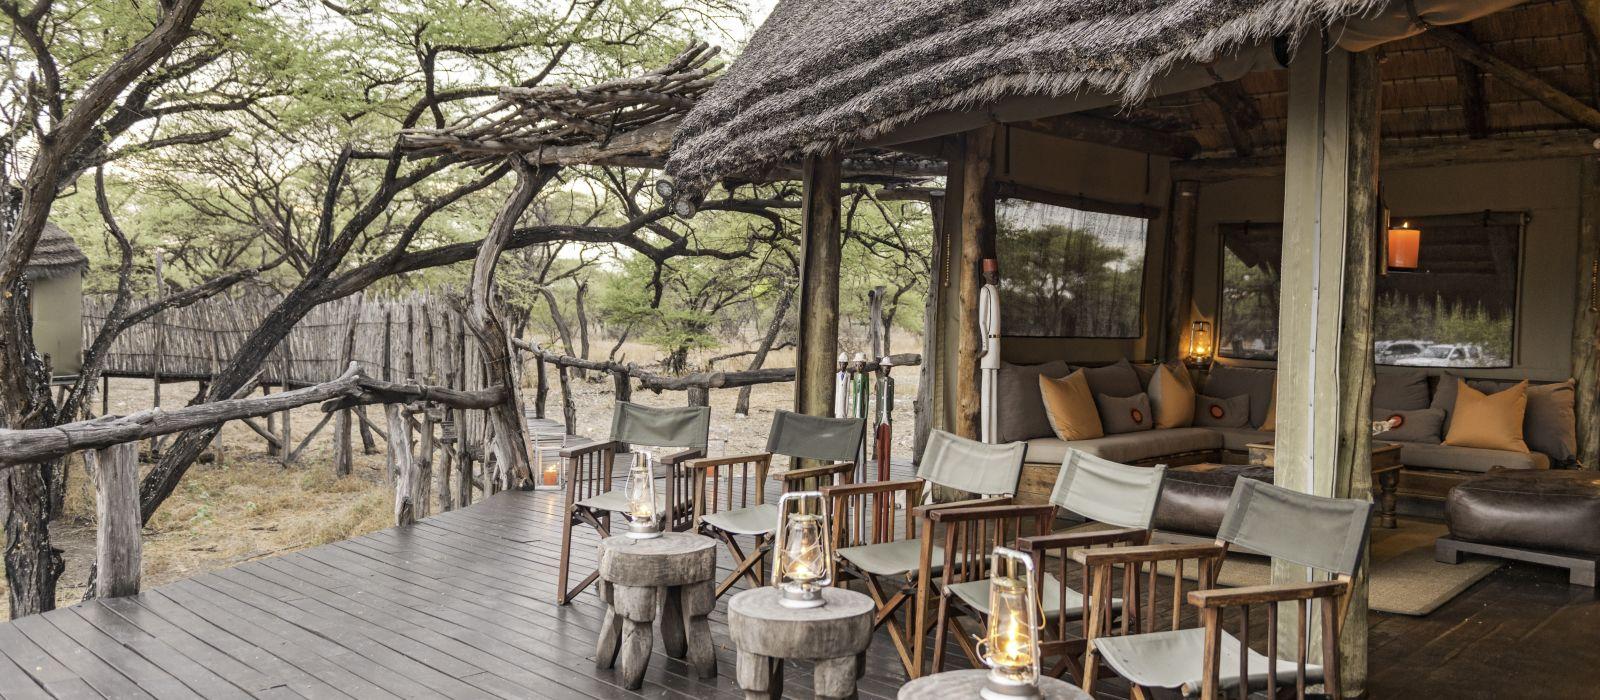 Hotel Onguma TreeTop Camp Namibia